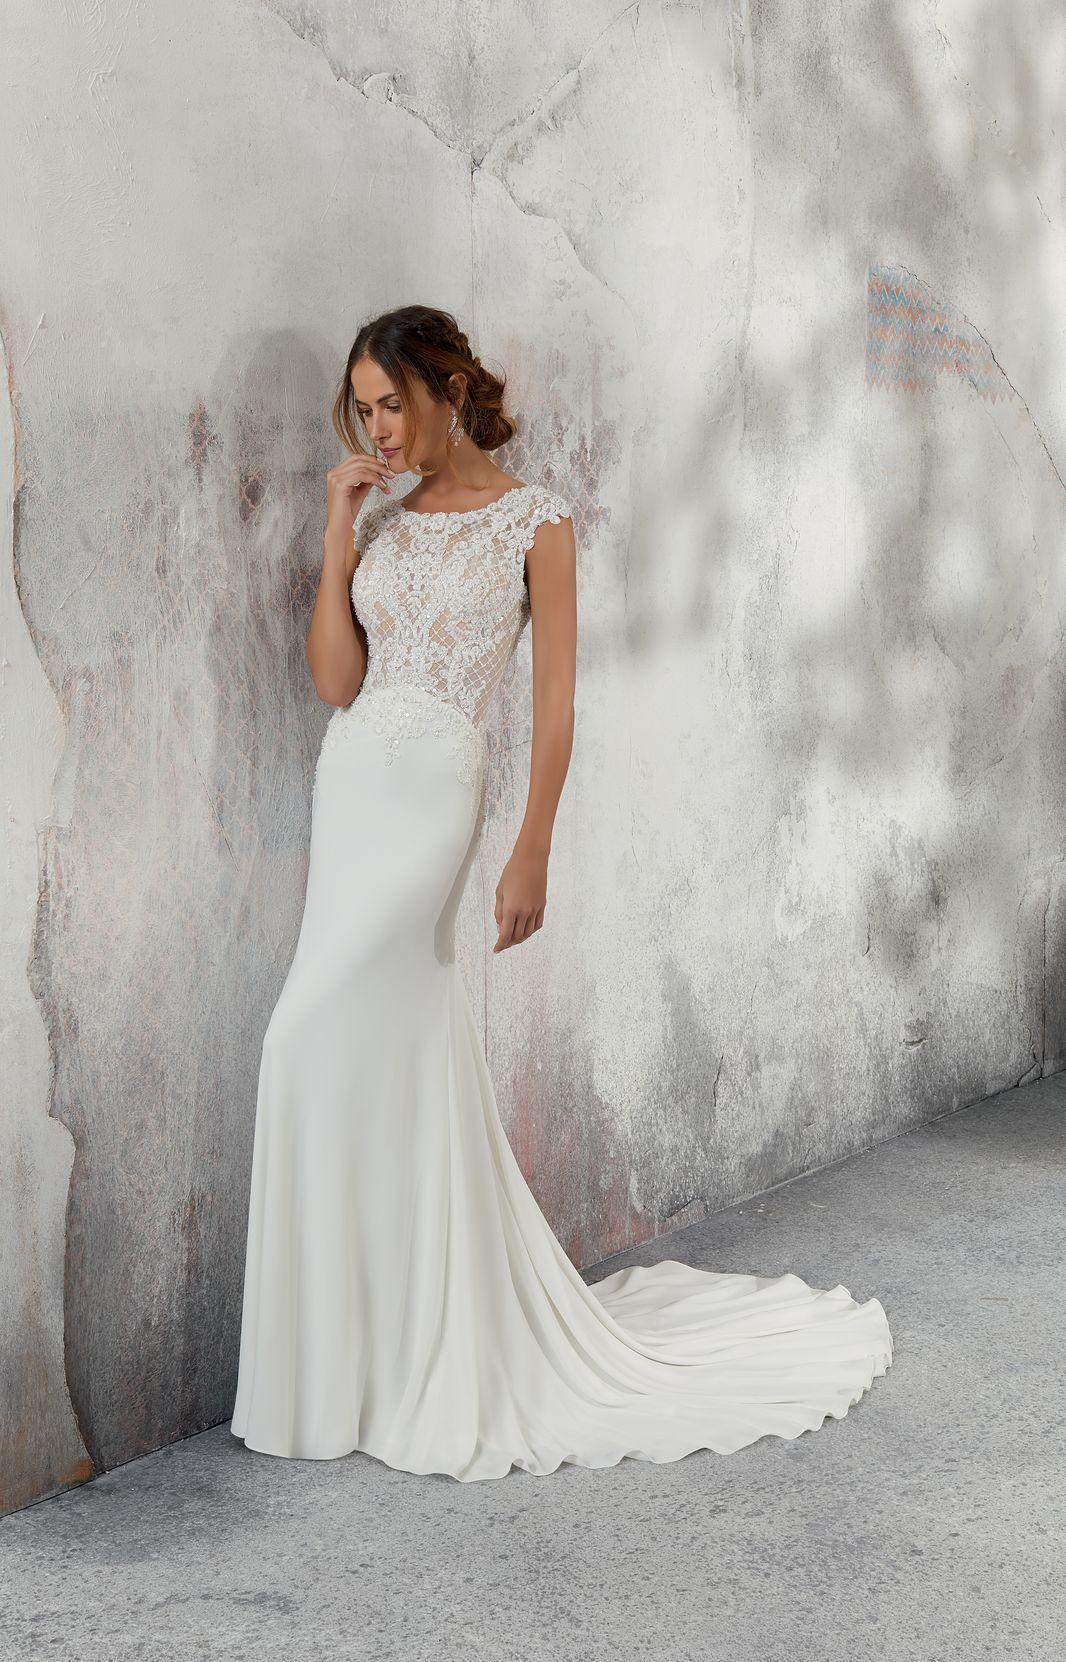 Model 5688 Dopasowana Do Ciala Suknia Slubna Z Krepy Z Wyszukanymi Krysztalkami Na Go Form Fitting Wedding Dress High Neck Wedding Dress Fitted Wedding Dress